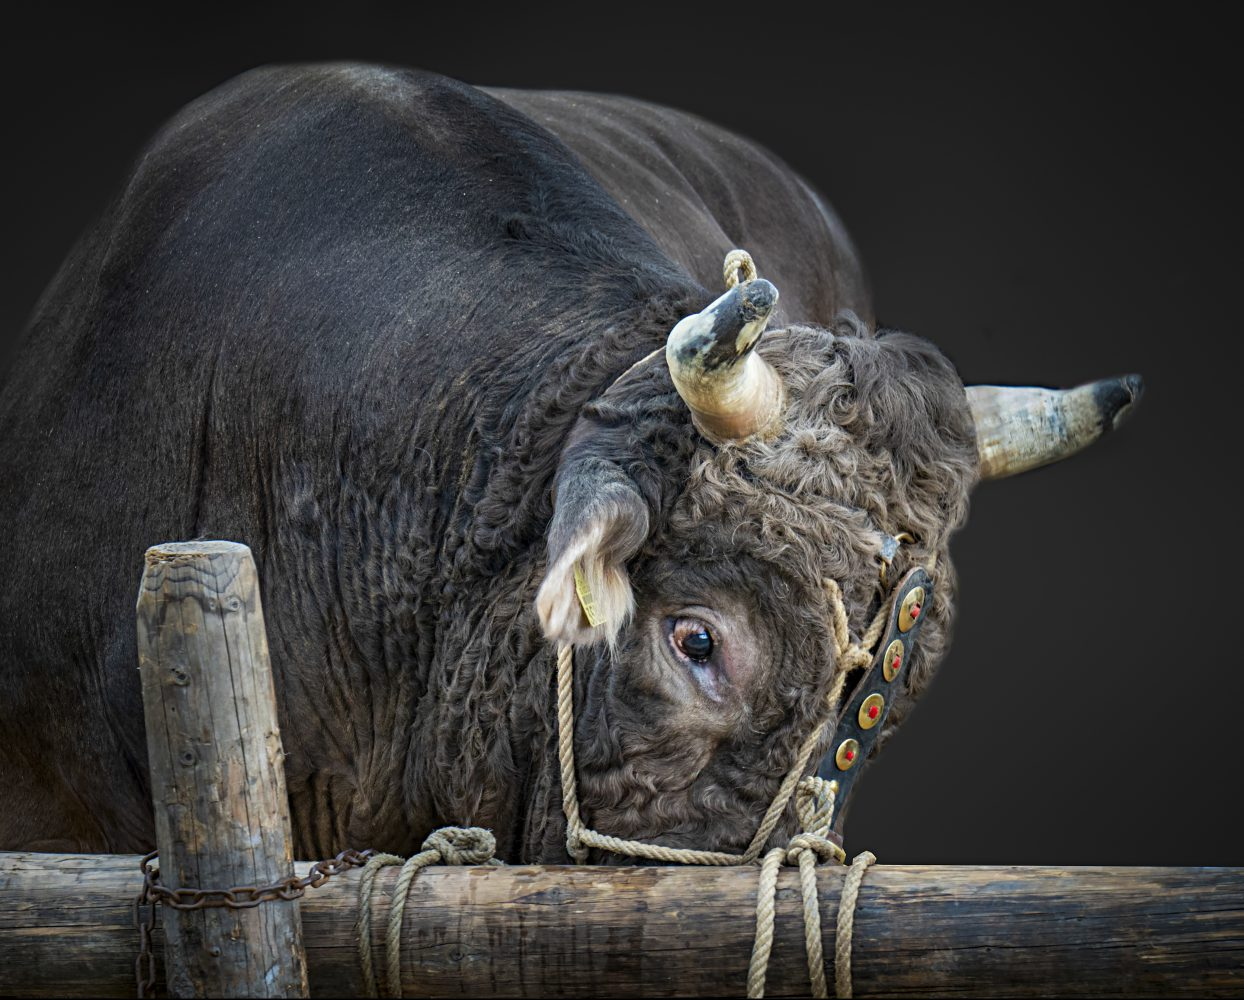 Stierenmarkt Zug, Stier